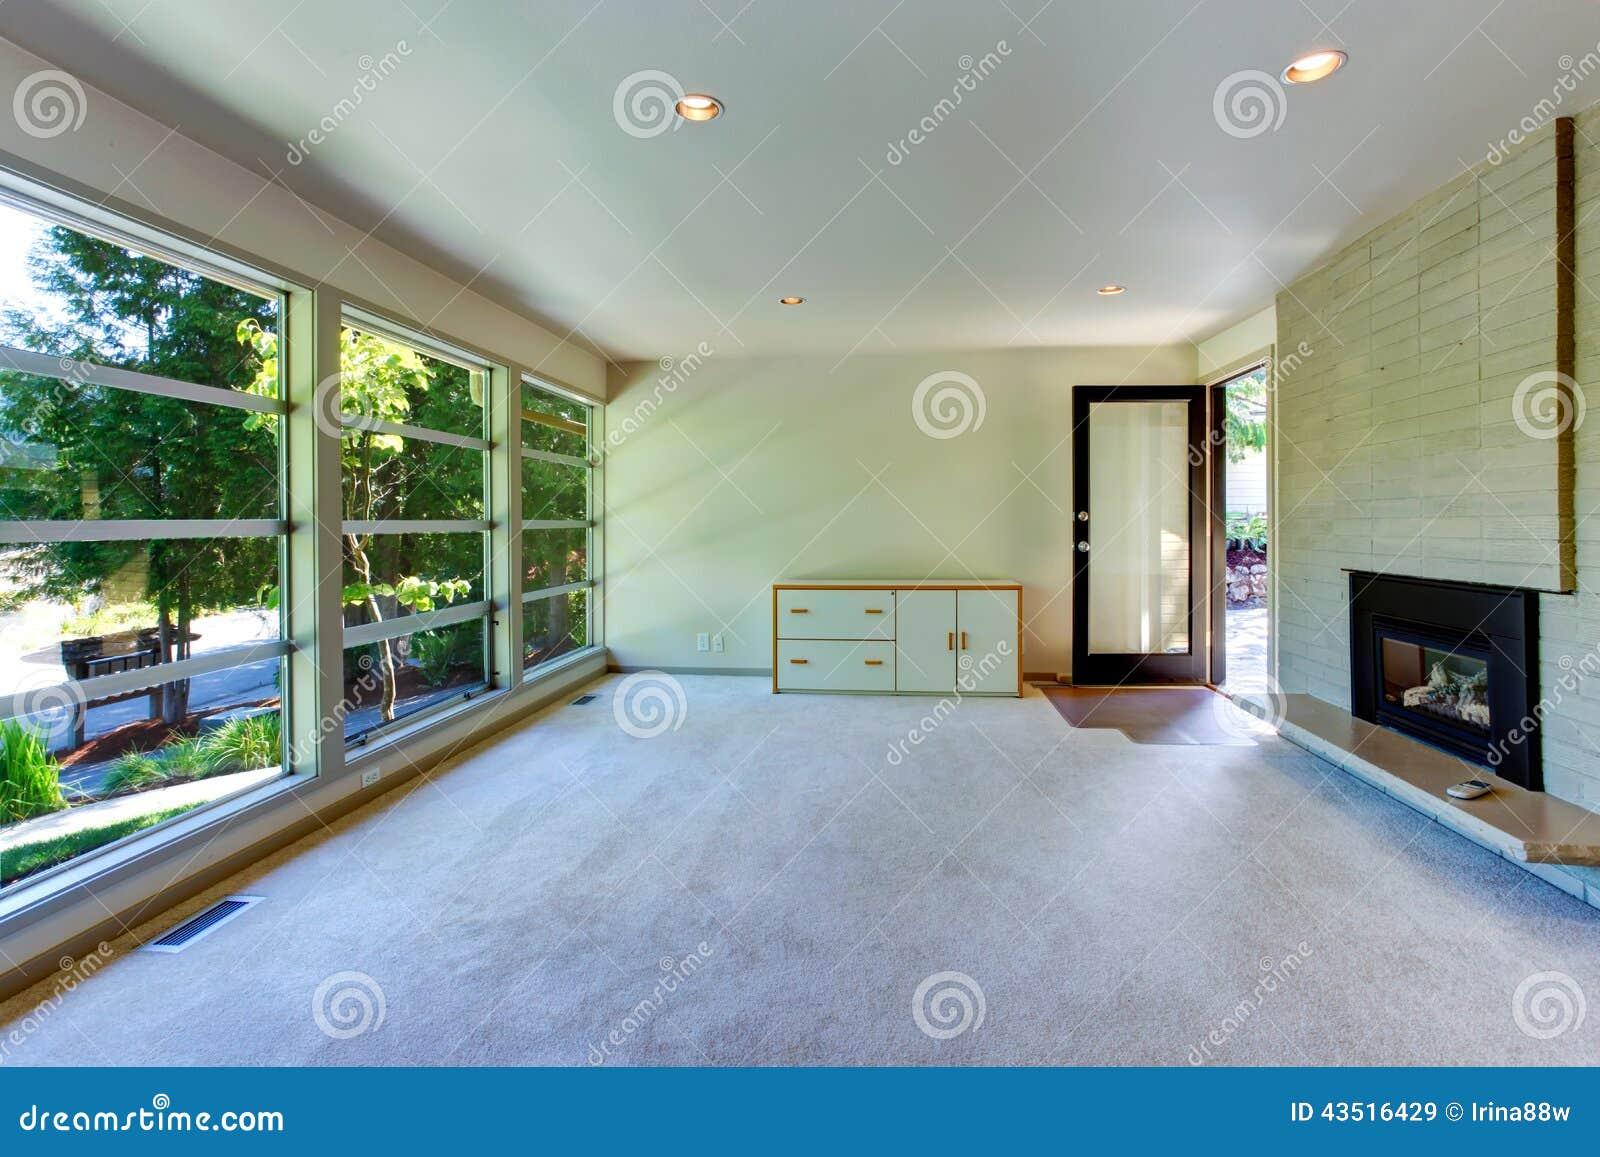 Int rieur vide de maison salon de mur de verre avec le mur for Le vide interieur